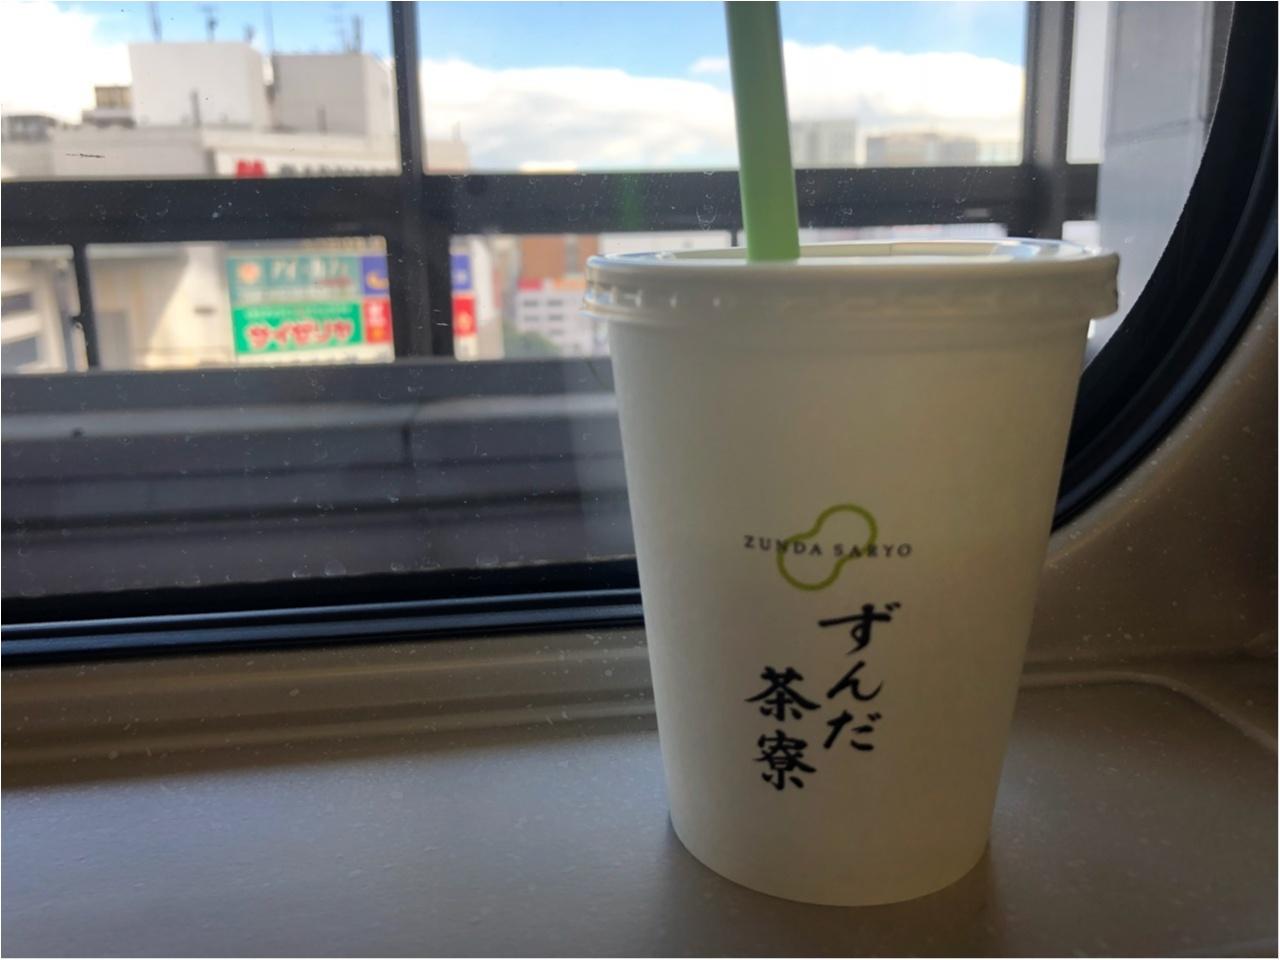 仙台でしか味わえない!『たんや善治郎』の極厚絶品牛たんはコレ!!_4